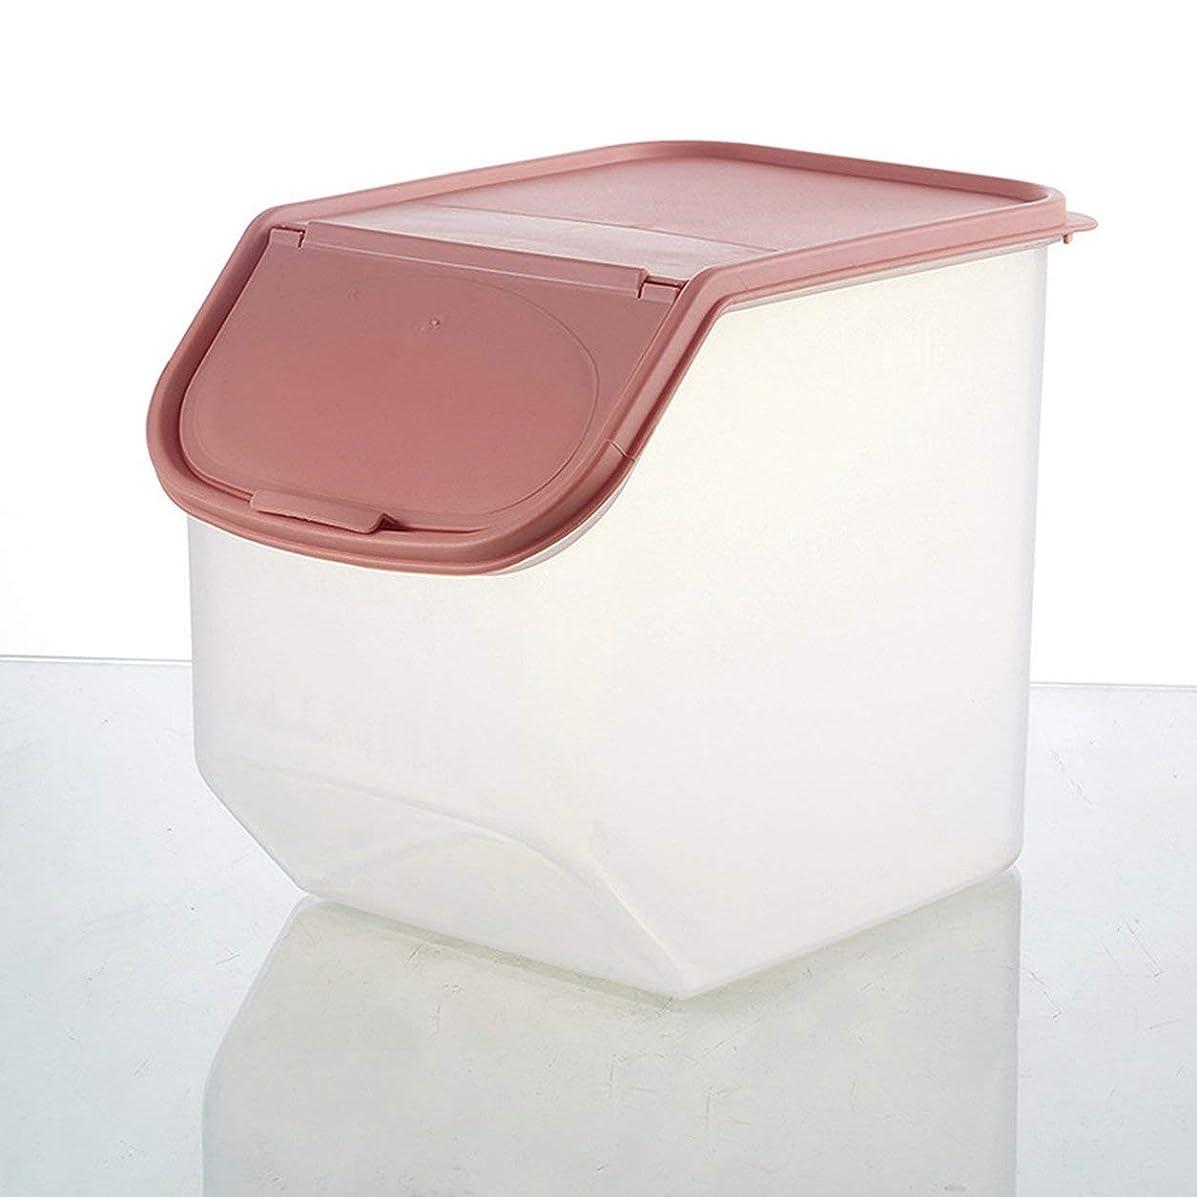 不確実深遠吸収剤Saikogoods 家庭の使用キッチンストレージオーガナイザーは ボックスライスビン豆穀物コンテナ主催封印された食品保存を干し ピンク L